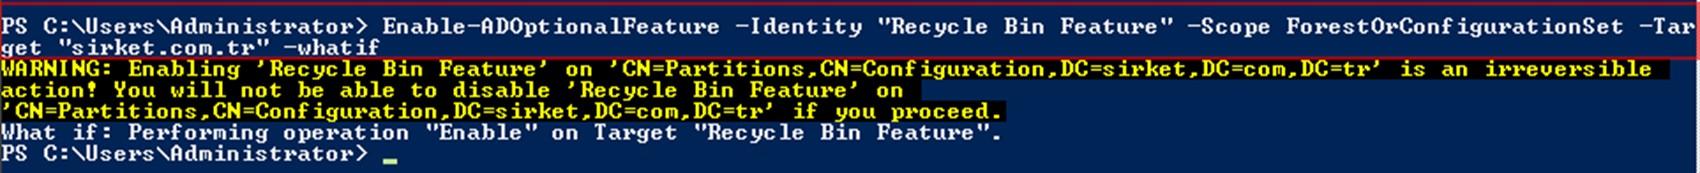 Şekil - 08: Recycle Bin Etkinleştirmesi Öncesi Kontrol